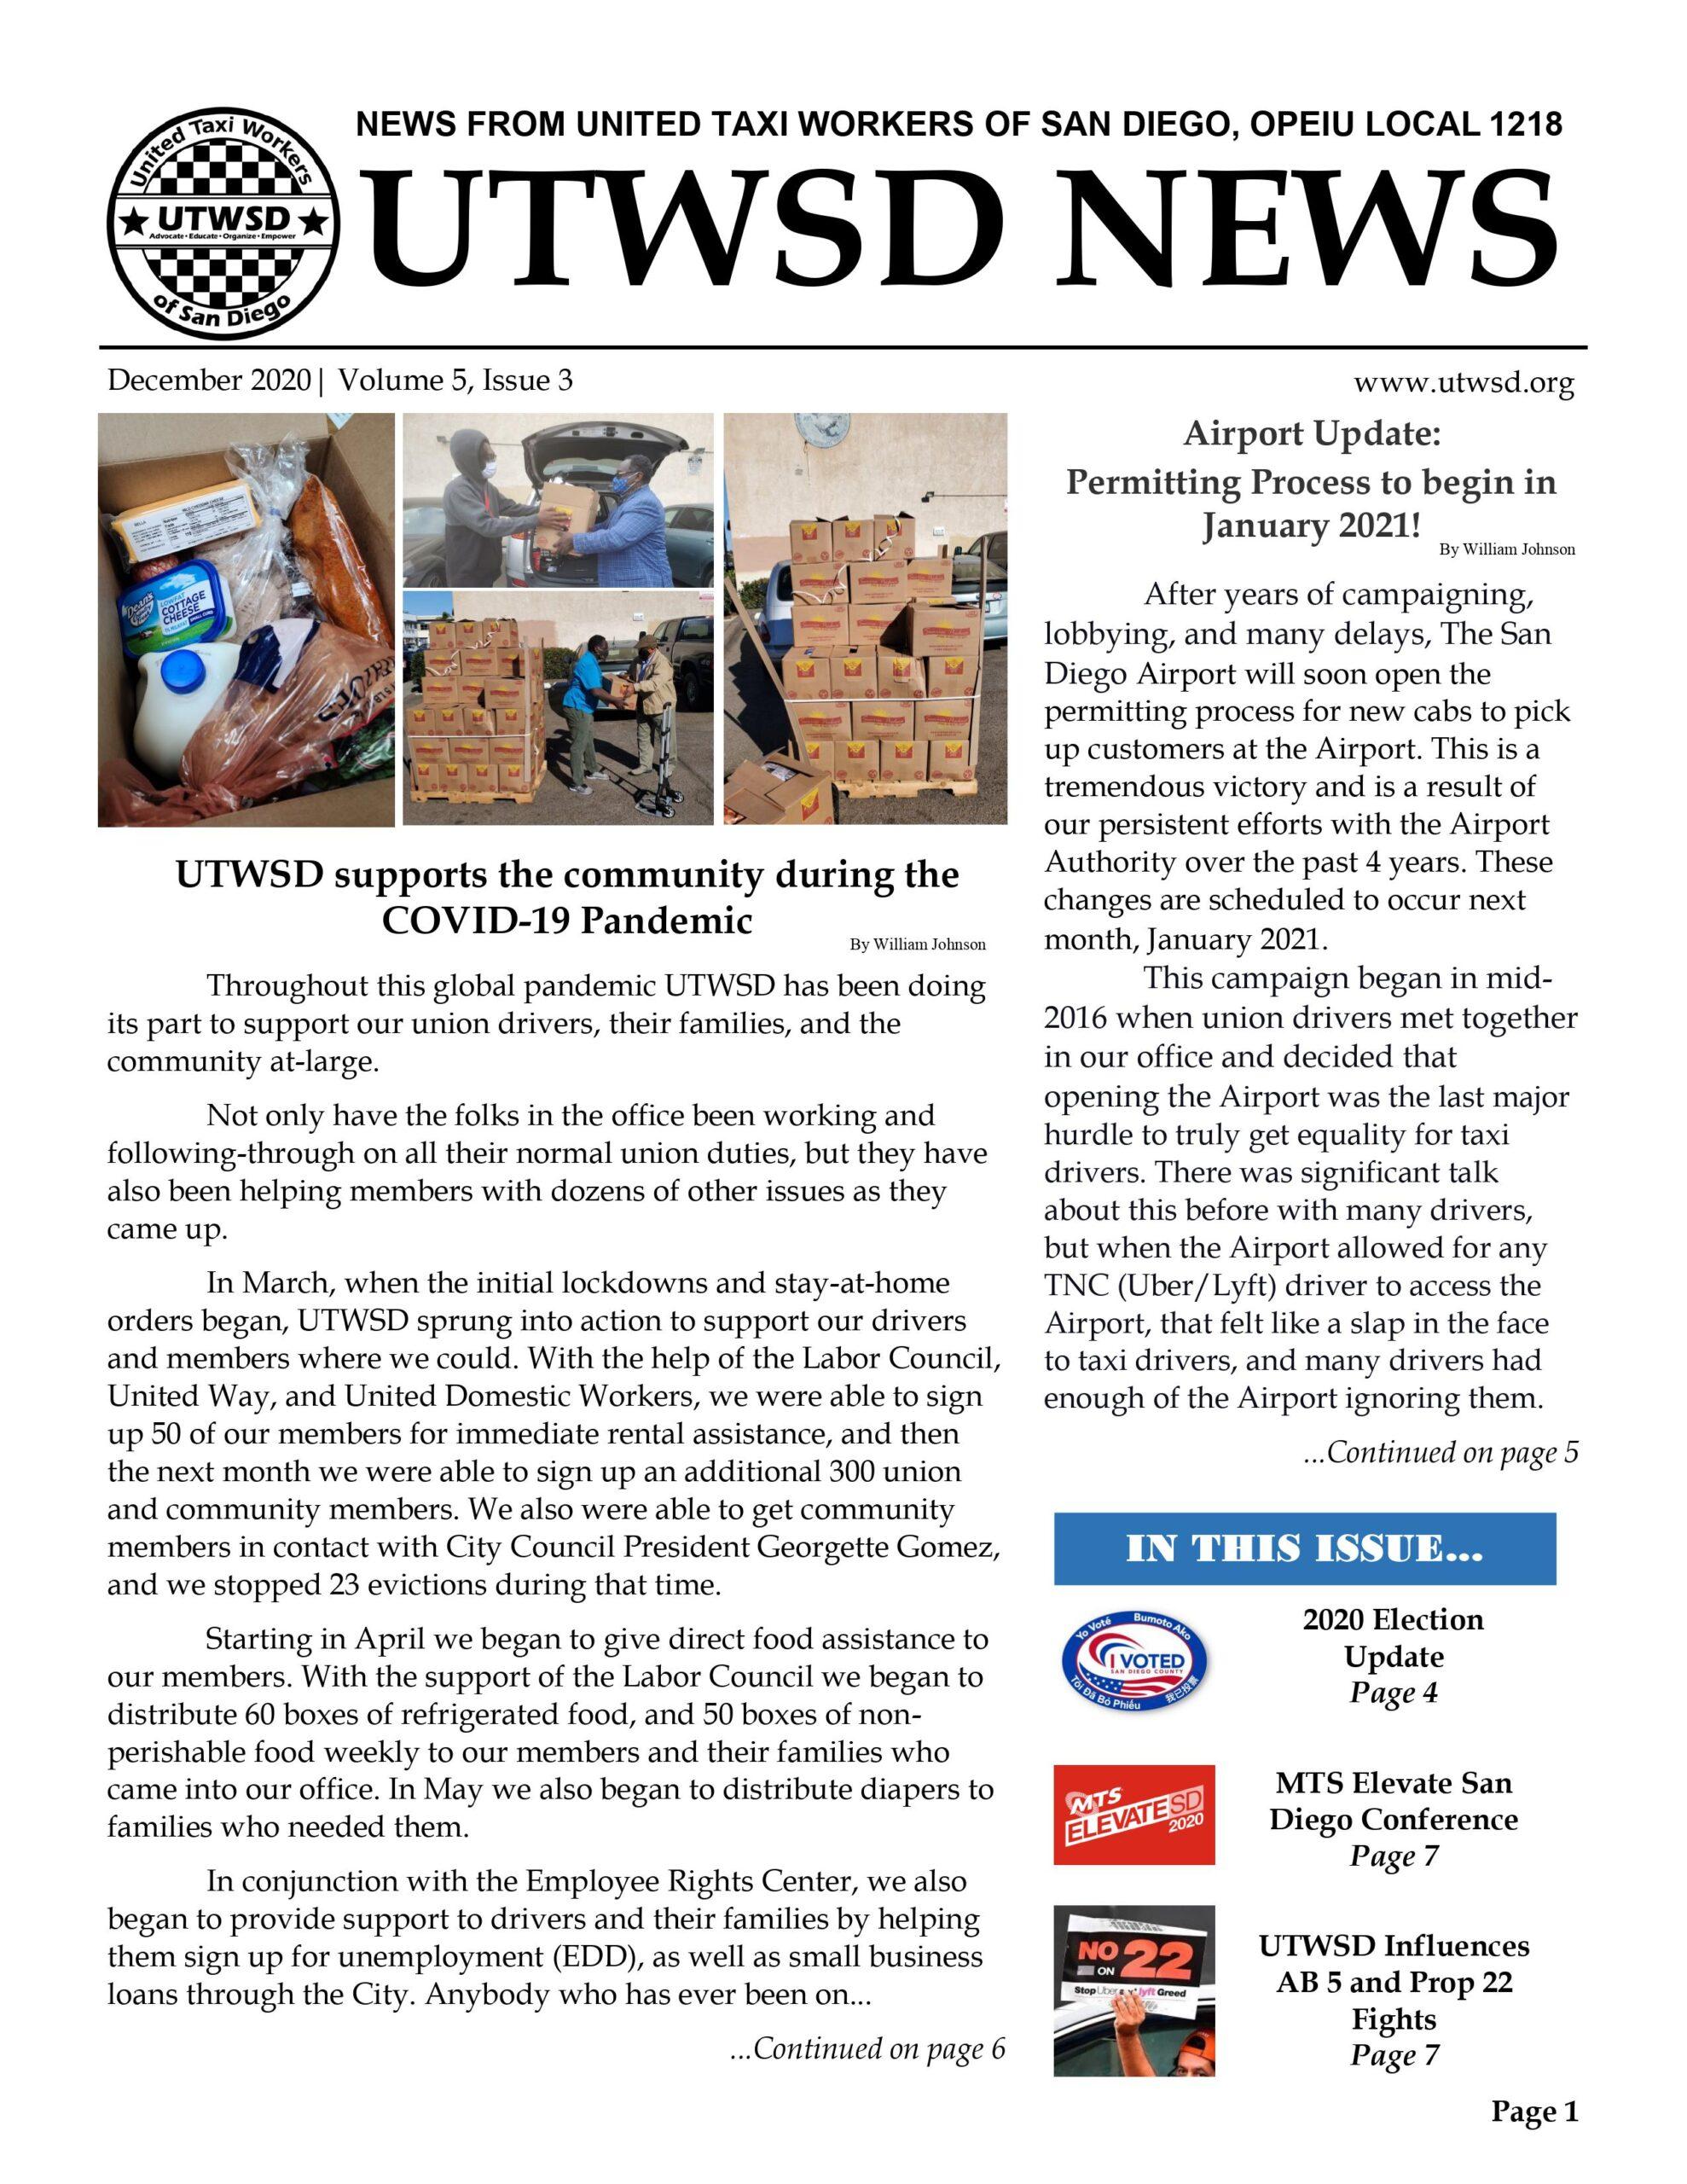 December 2020 UTWSD Newsletter